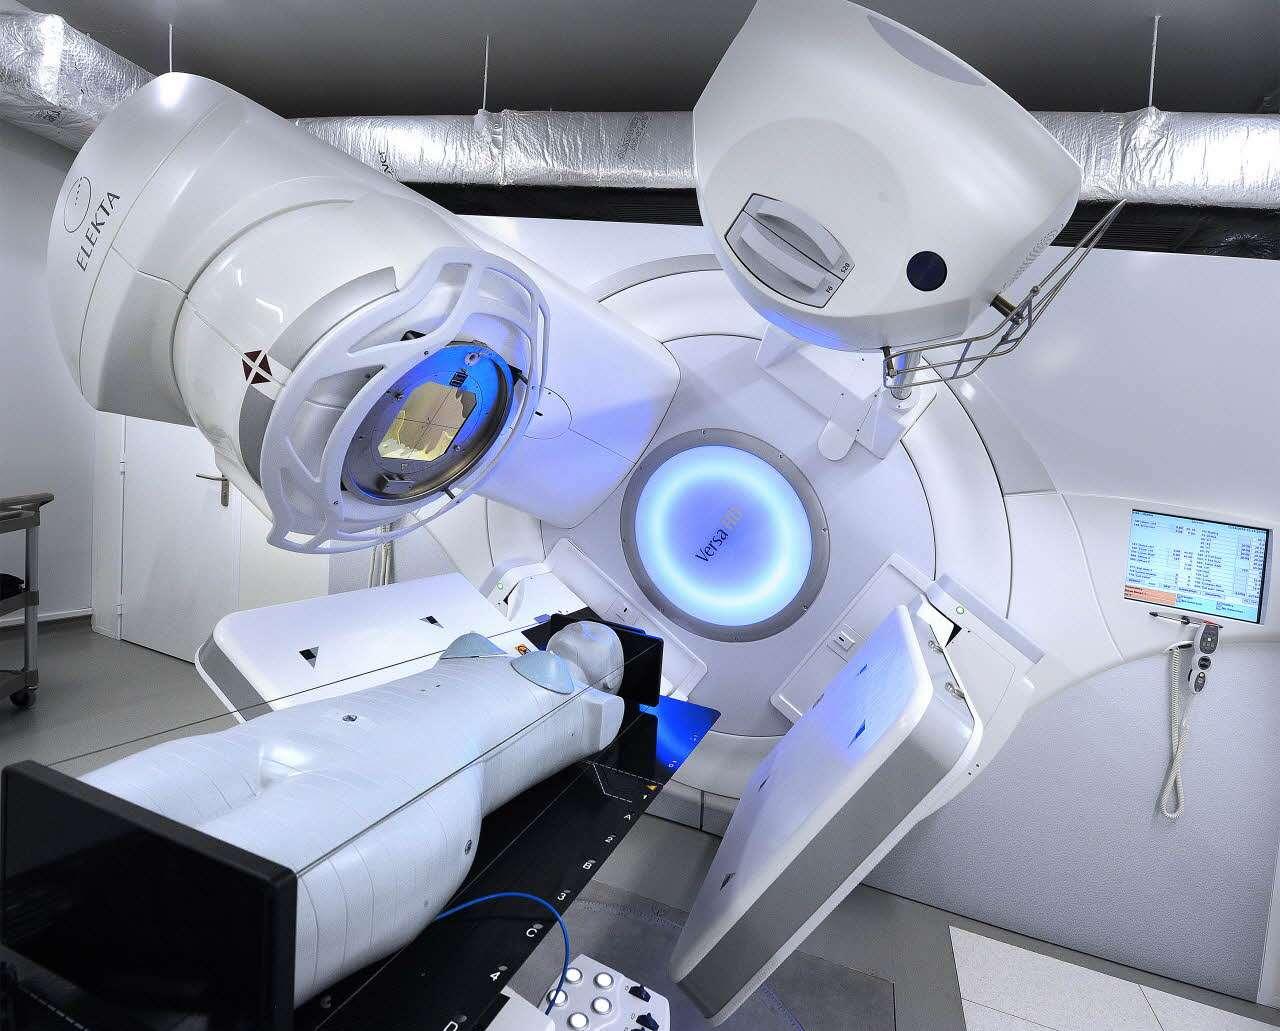 La plateforme Doseo sert à étudier de nouvelles méthodes de radiothérapies et à former des étudiants. C'est un des domaines où intervient le CEA (Commissariat à l'énergie atomique et aux énergies alternatives), et qui sera à découvrir dans l'exposition installée à la Cité des sciences, à Paris. © L. Godart, CEA